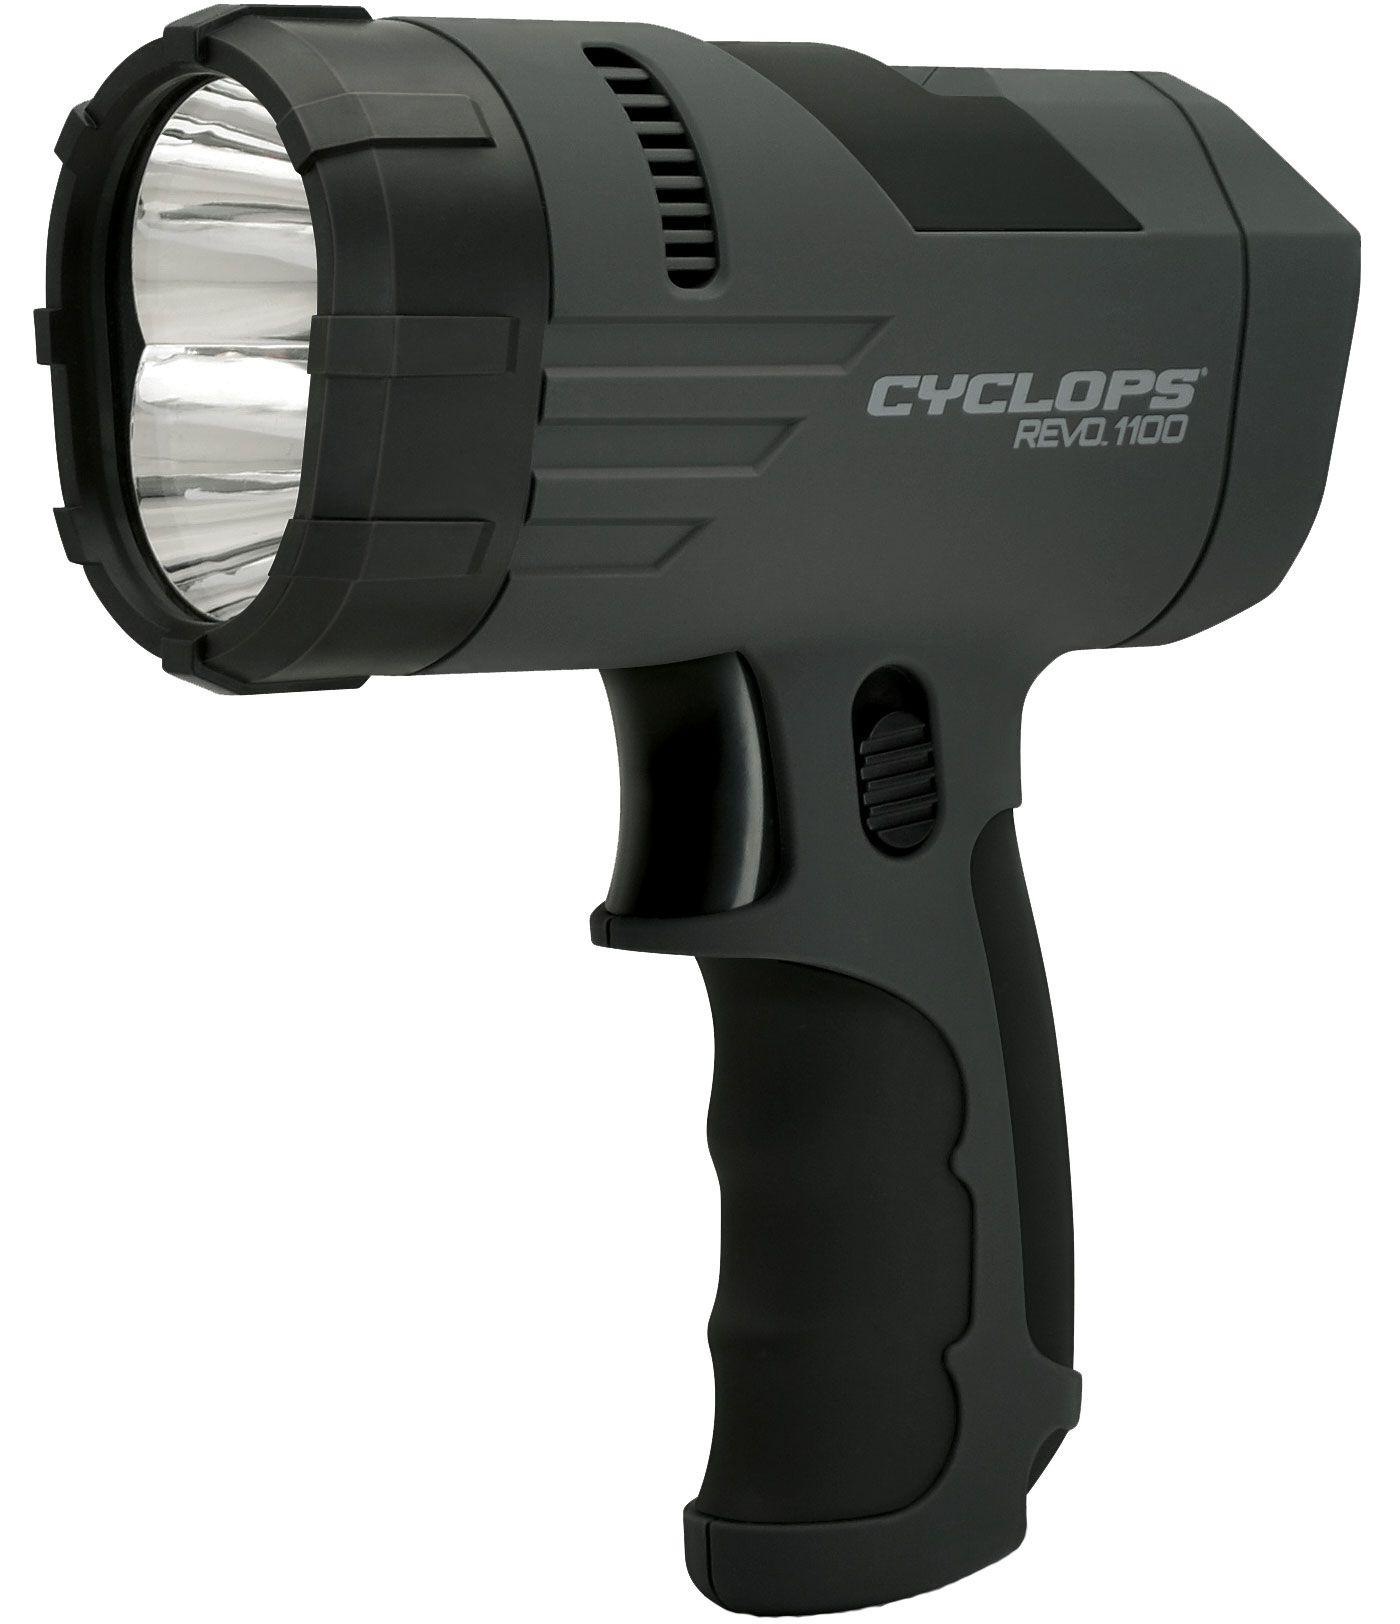 Cyclops Revo 1100 Spotlight